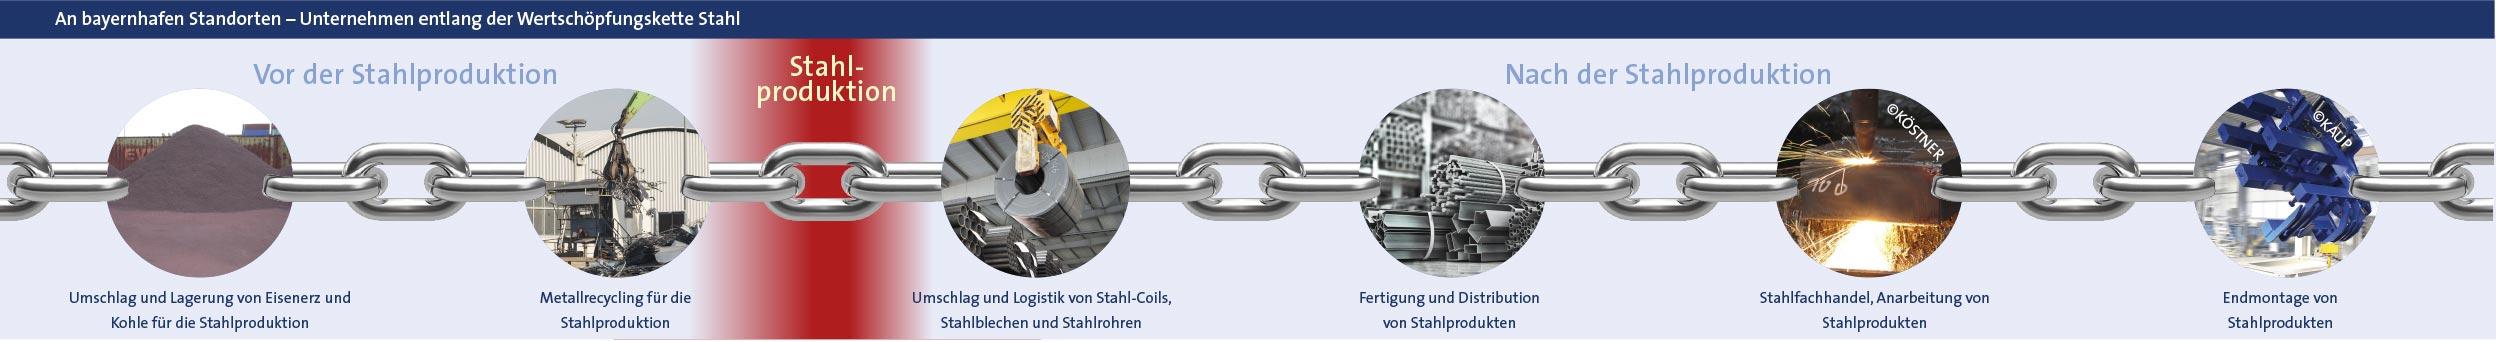 Stahlkette Wertschöpfung bayernhafen